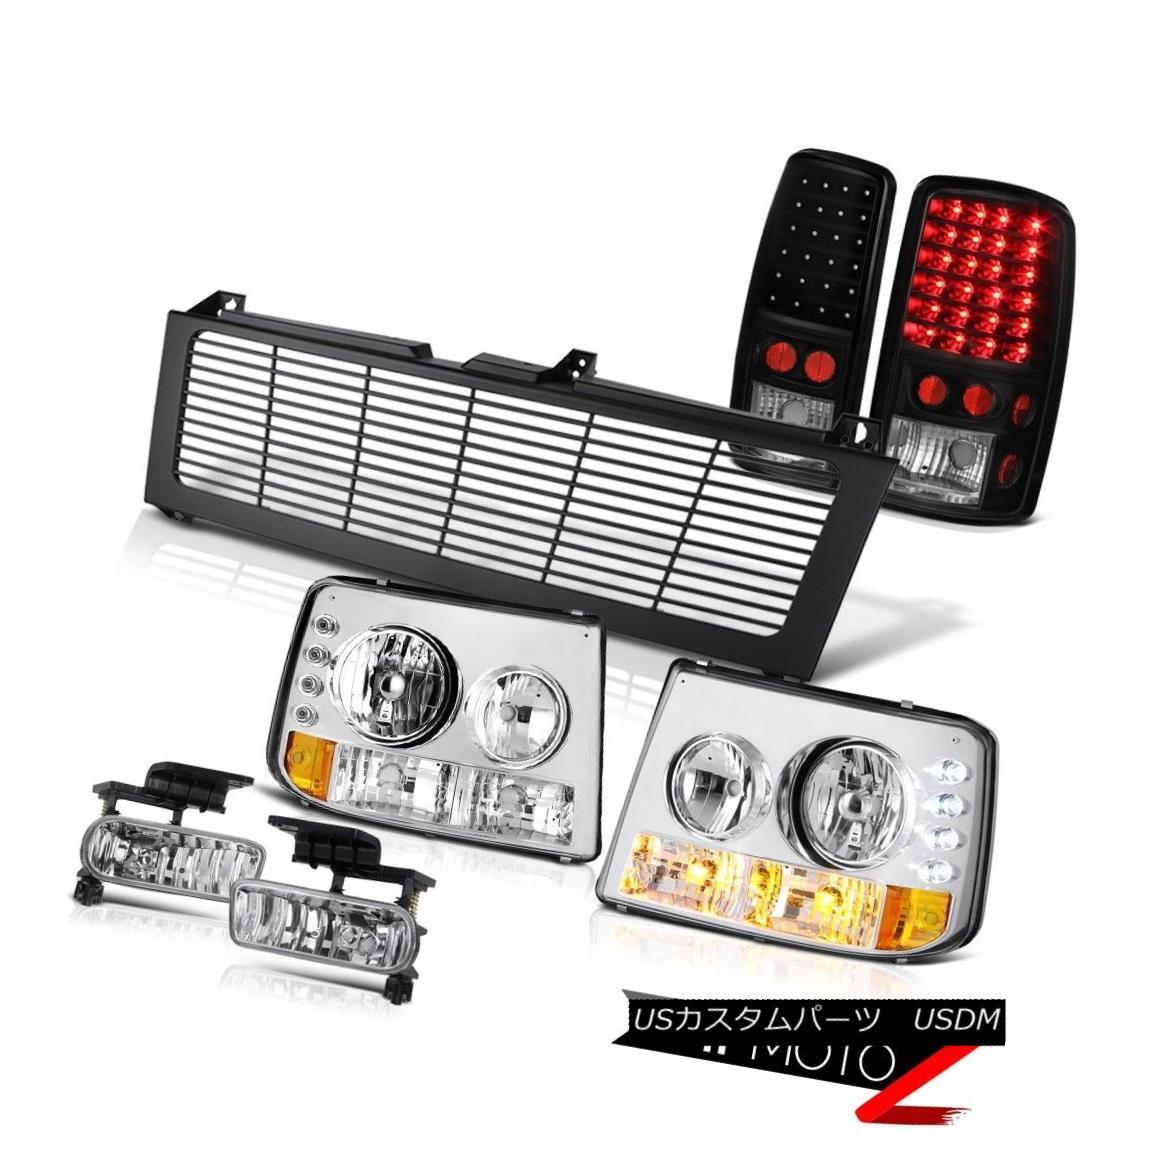 ヘッドライト 2000-06 Suburban 6.0L Parking Headlamp LED Tail Lamps Sterling Chrome Fog Grille 2000-06郊外6.0LパーキングヘッドランプLEDテールランプスターリングクロムフォググリル